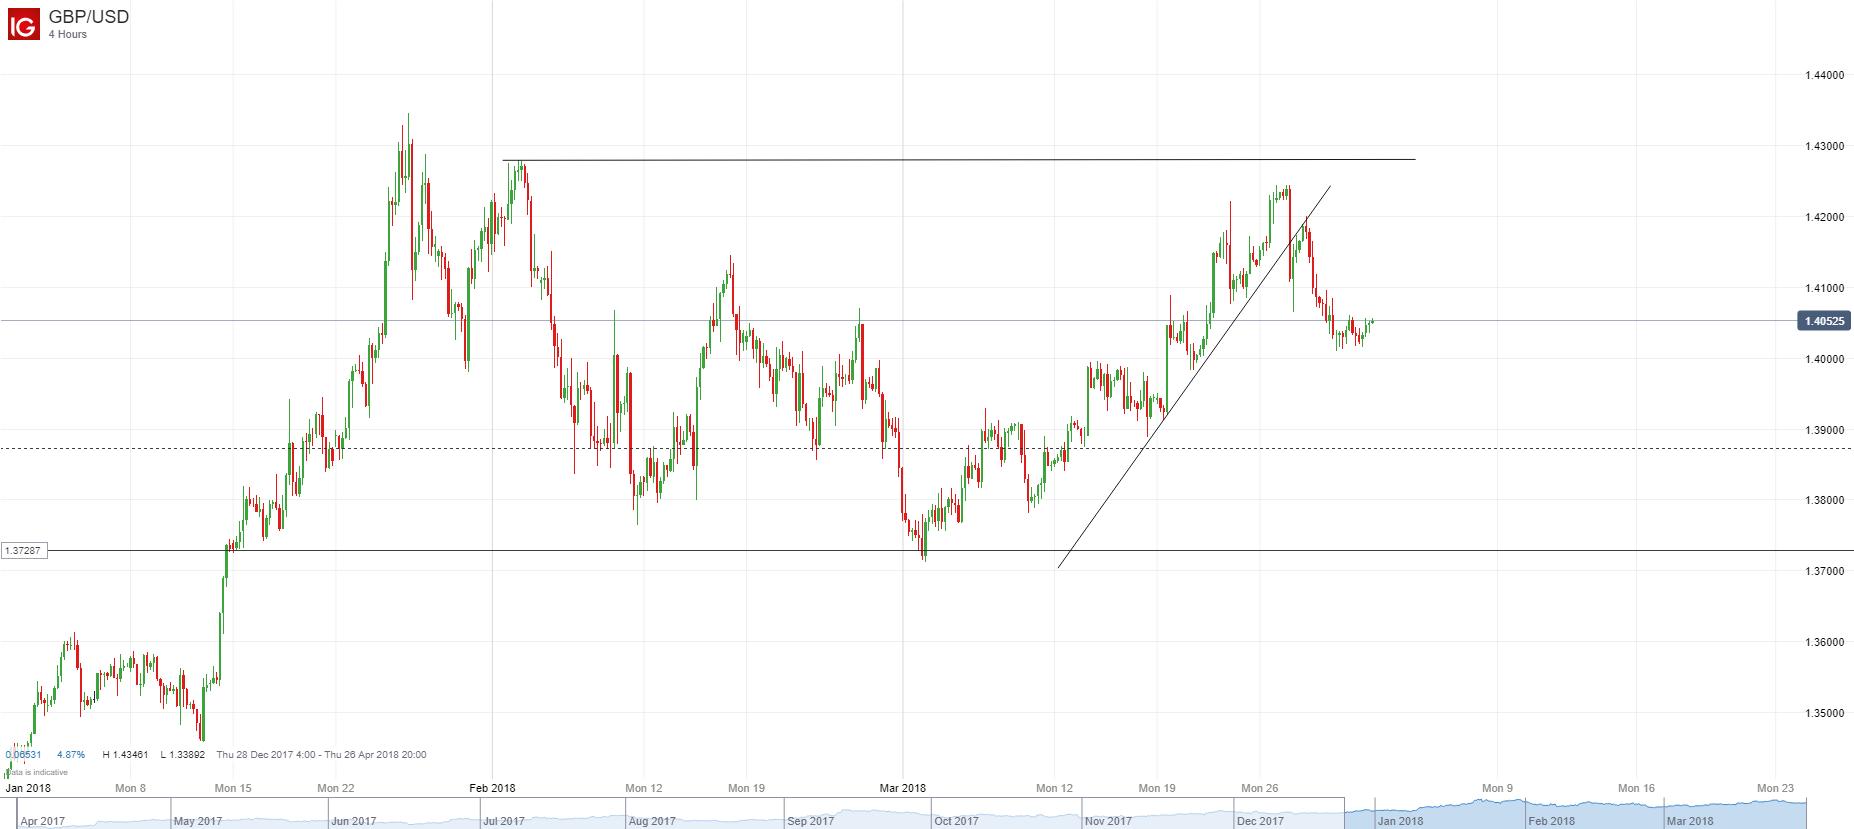 英镑/美元:4小时图重要支持关注自3月1日开始的支撑线